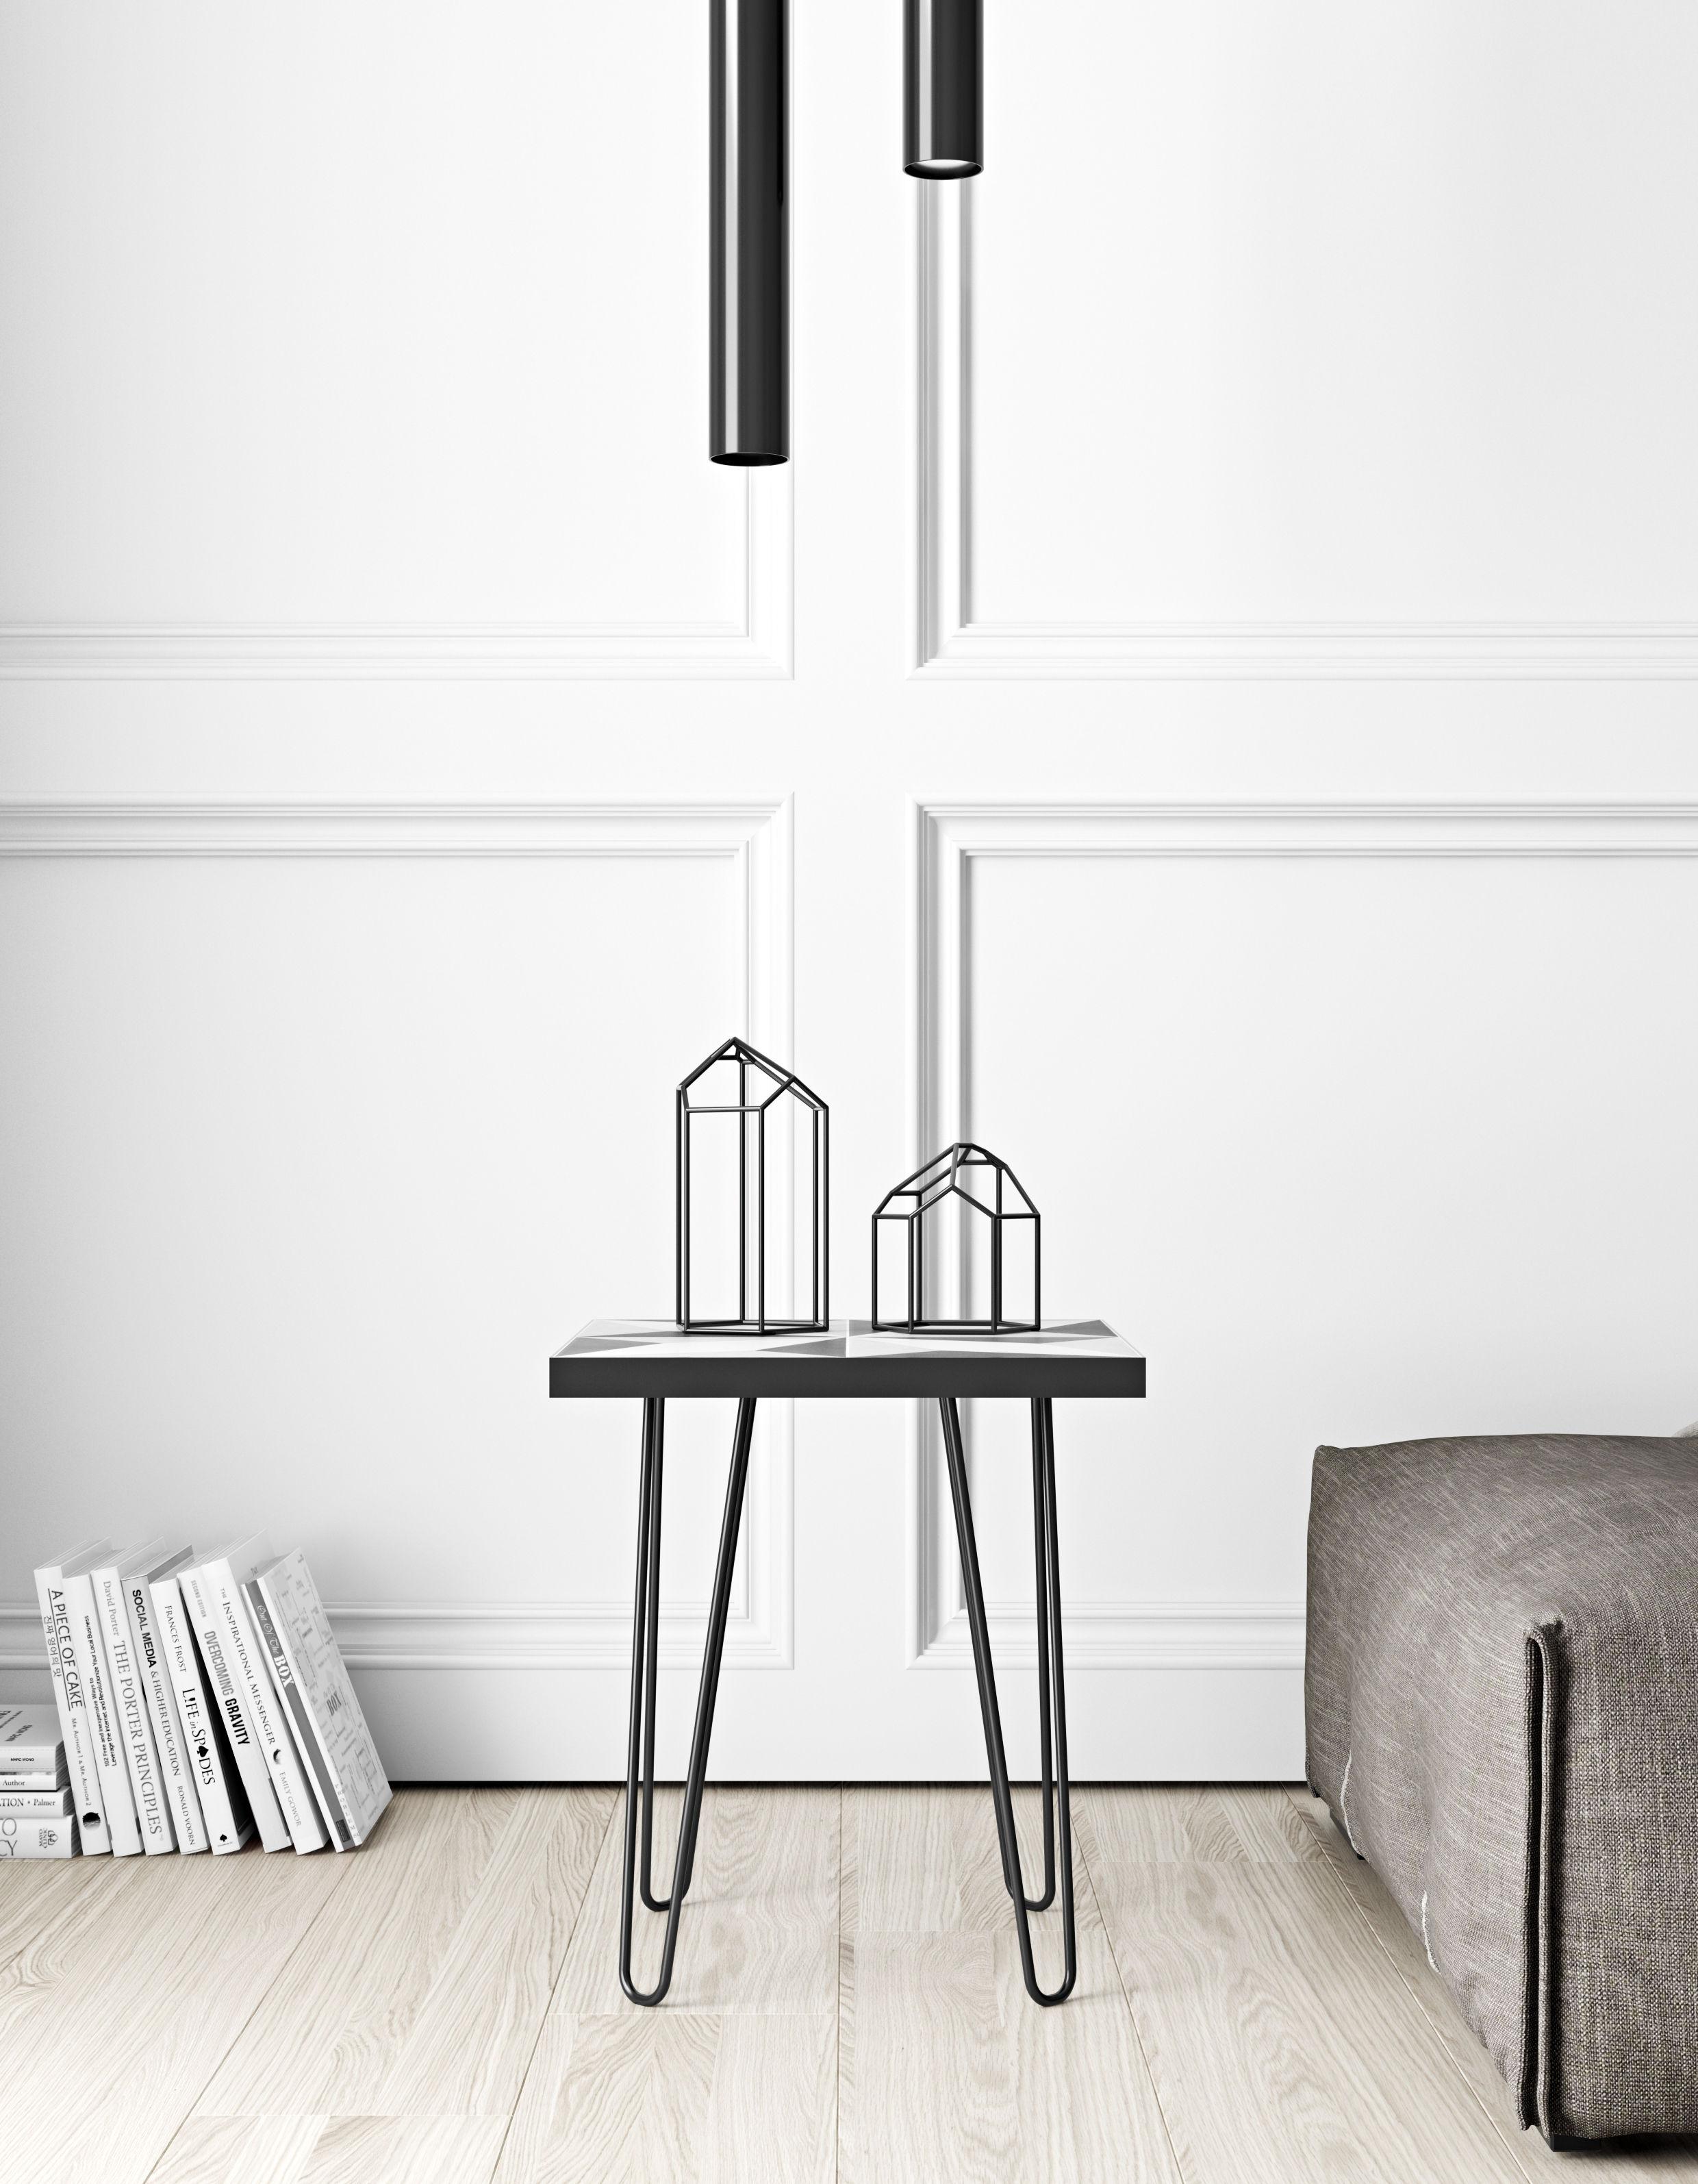 table d 39 appoint lisbonne carreaux c ramique 41 x 41 cm gris noir pied noir pop up home. Black Bedroom Furniture Sets. Home Design Ideas